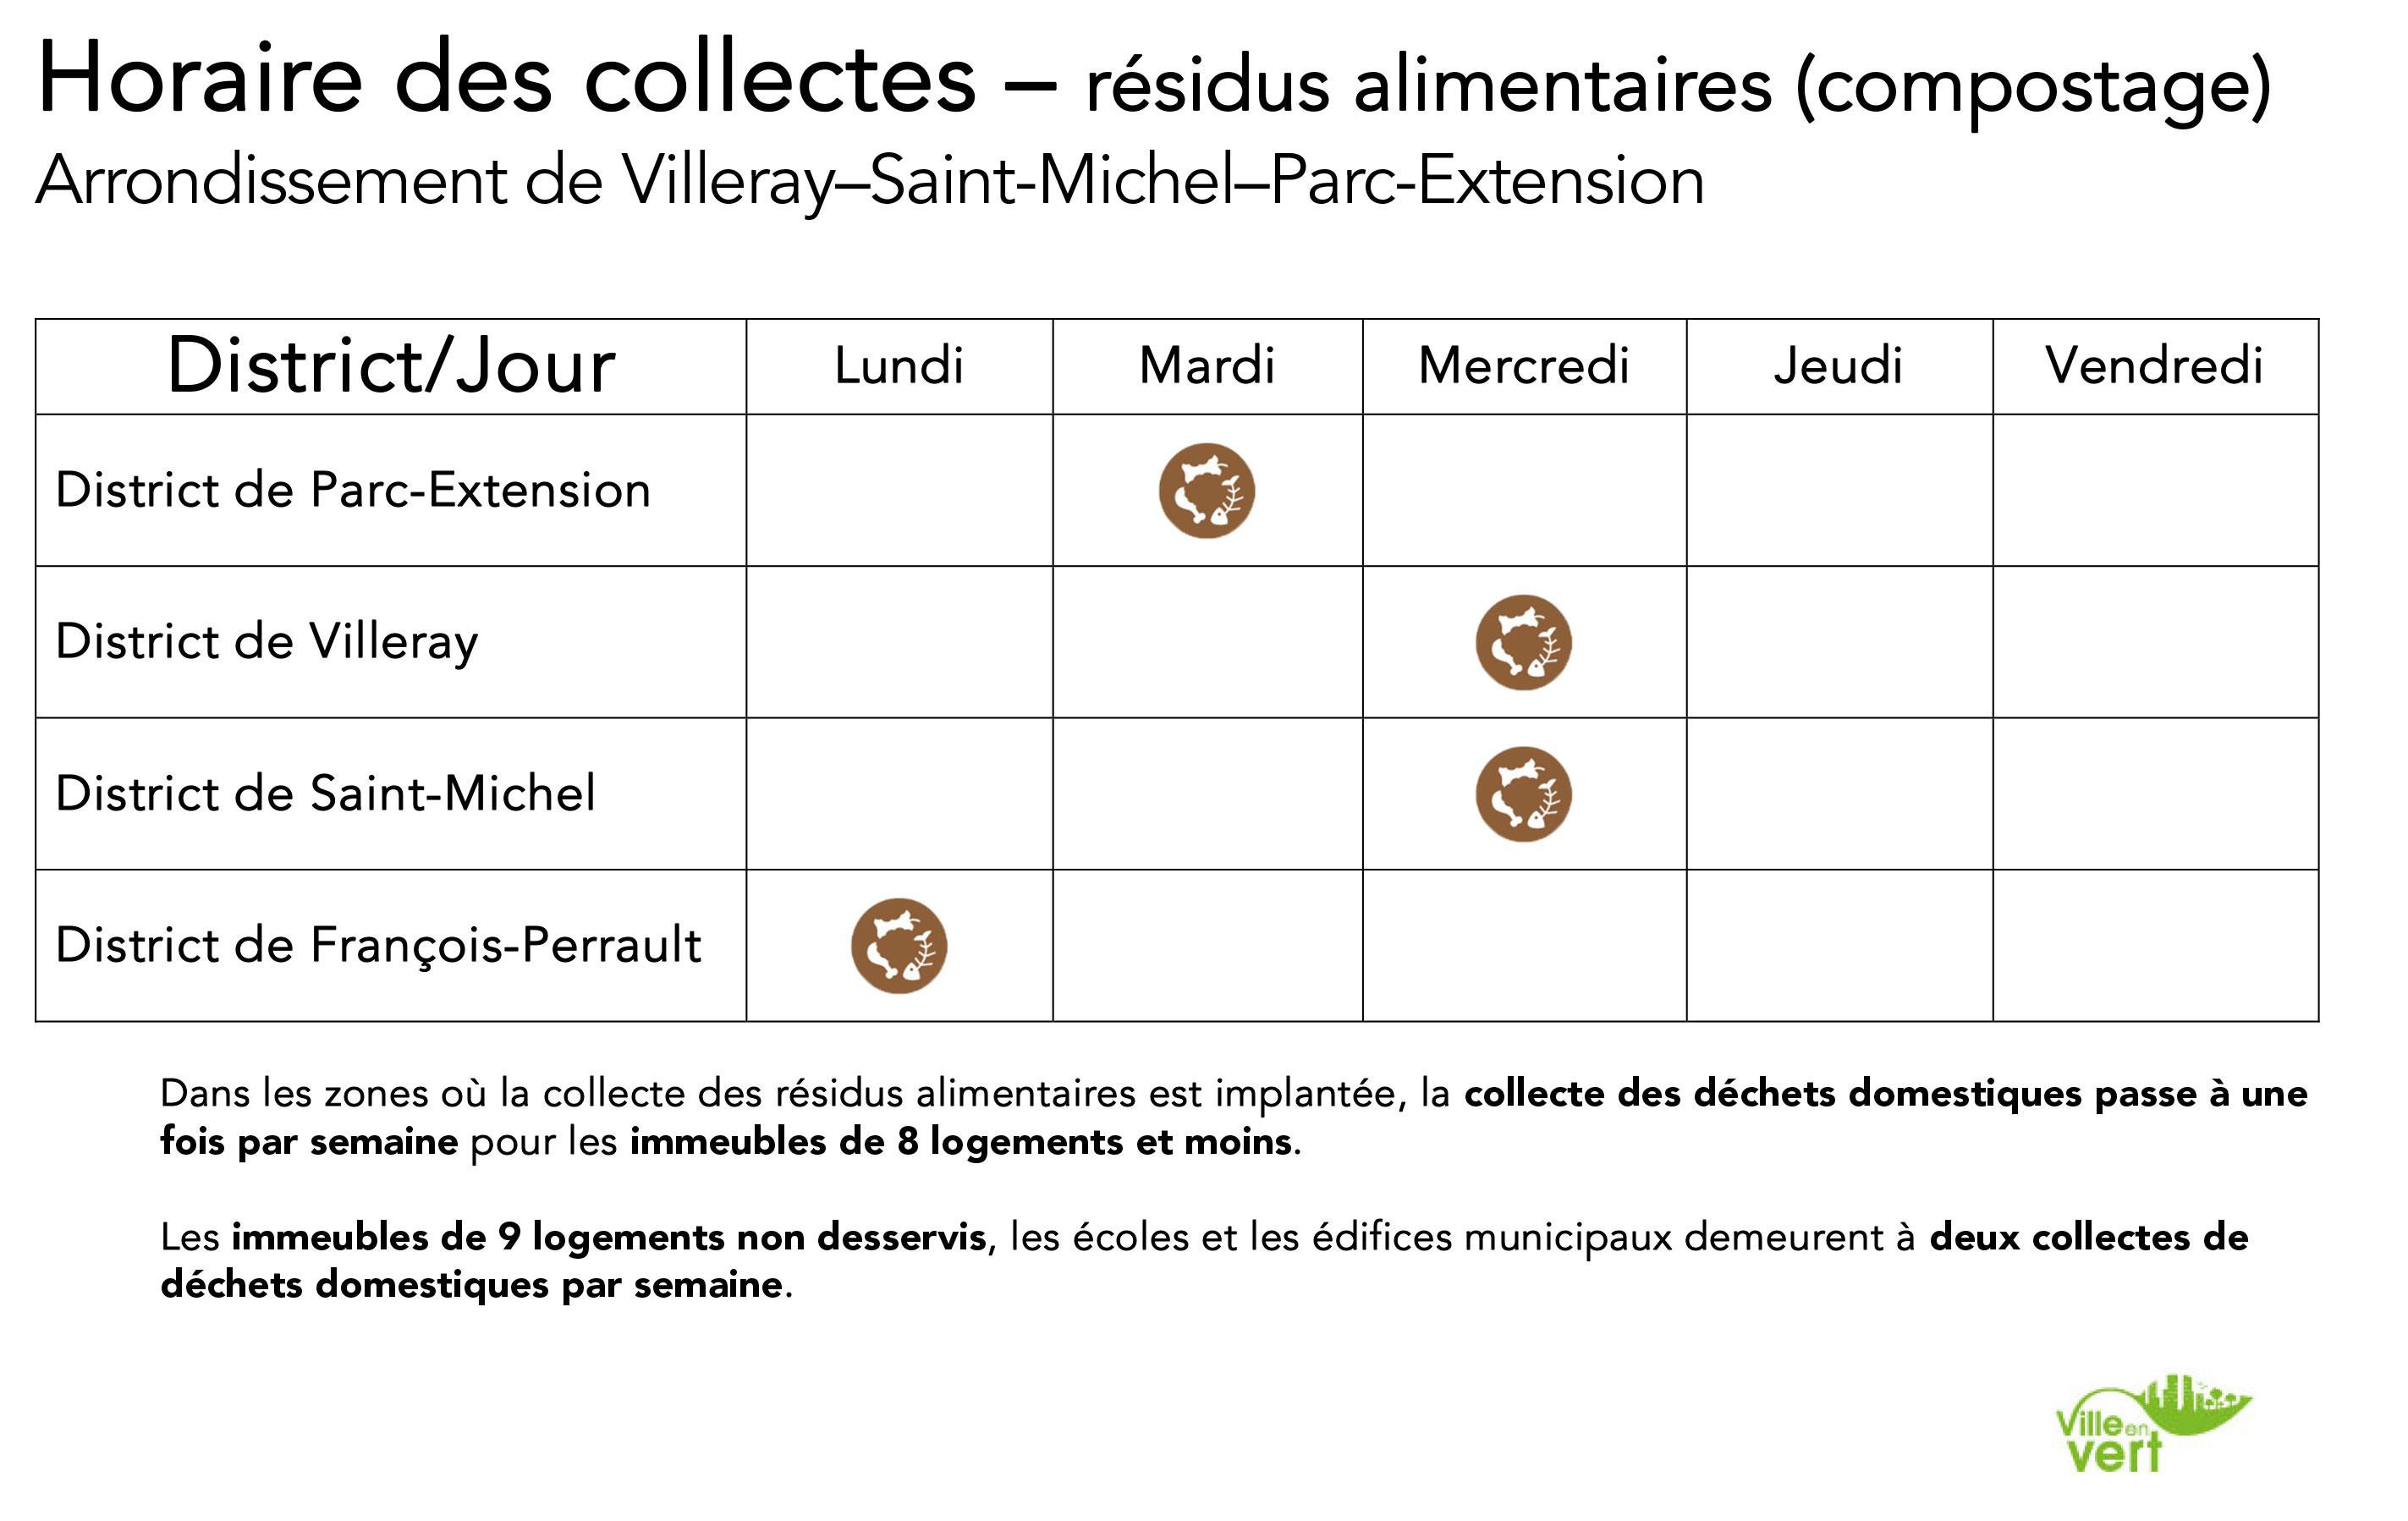 Horaire collectes - Résidus alimentaires (compostage) - Villeray–Saint-Michel–Parc-Extension